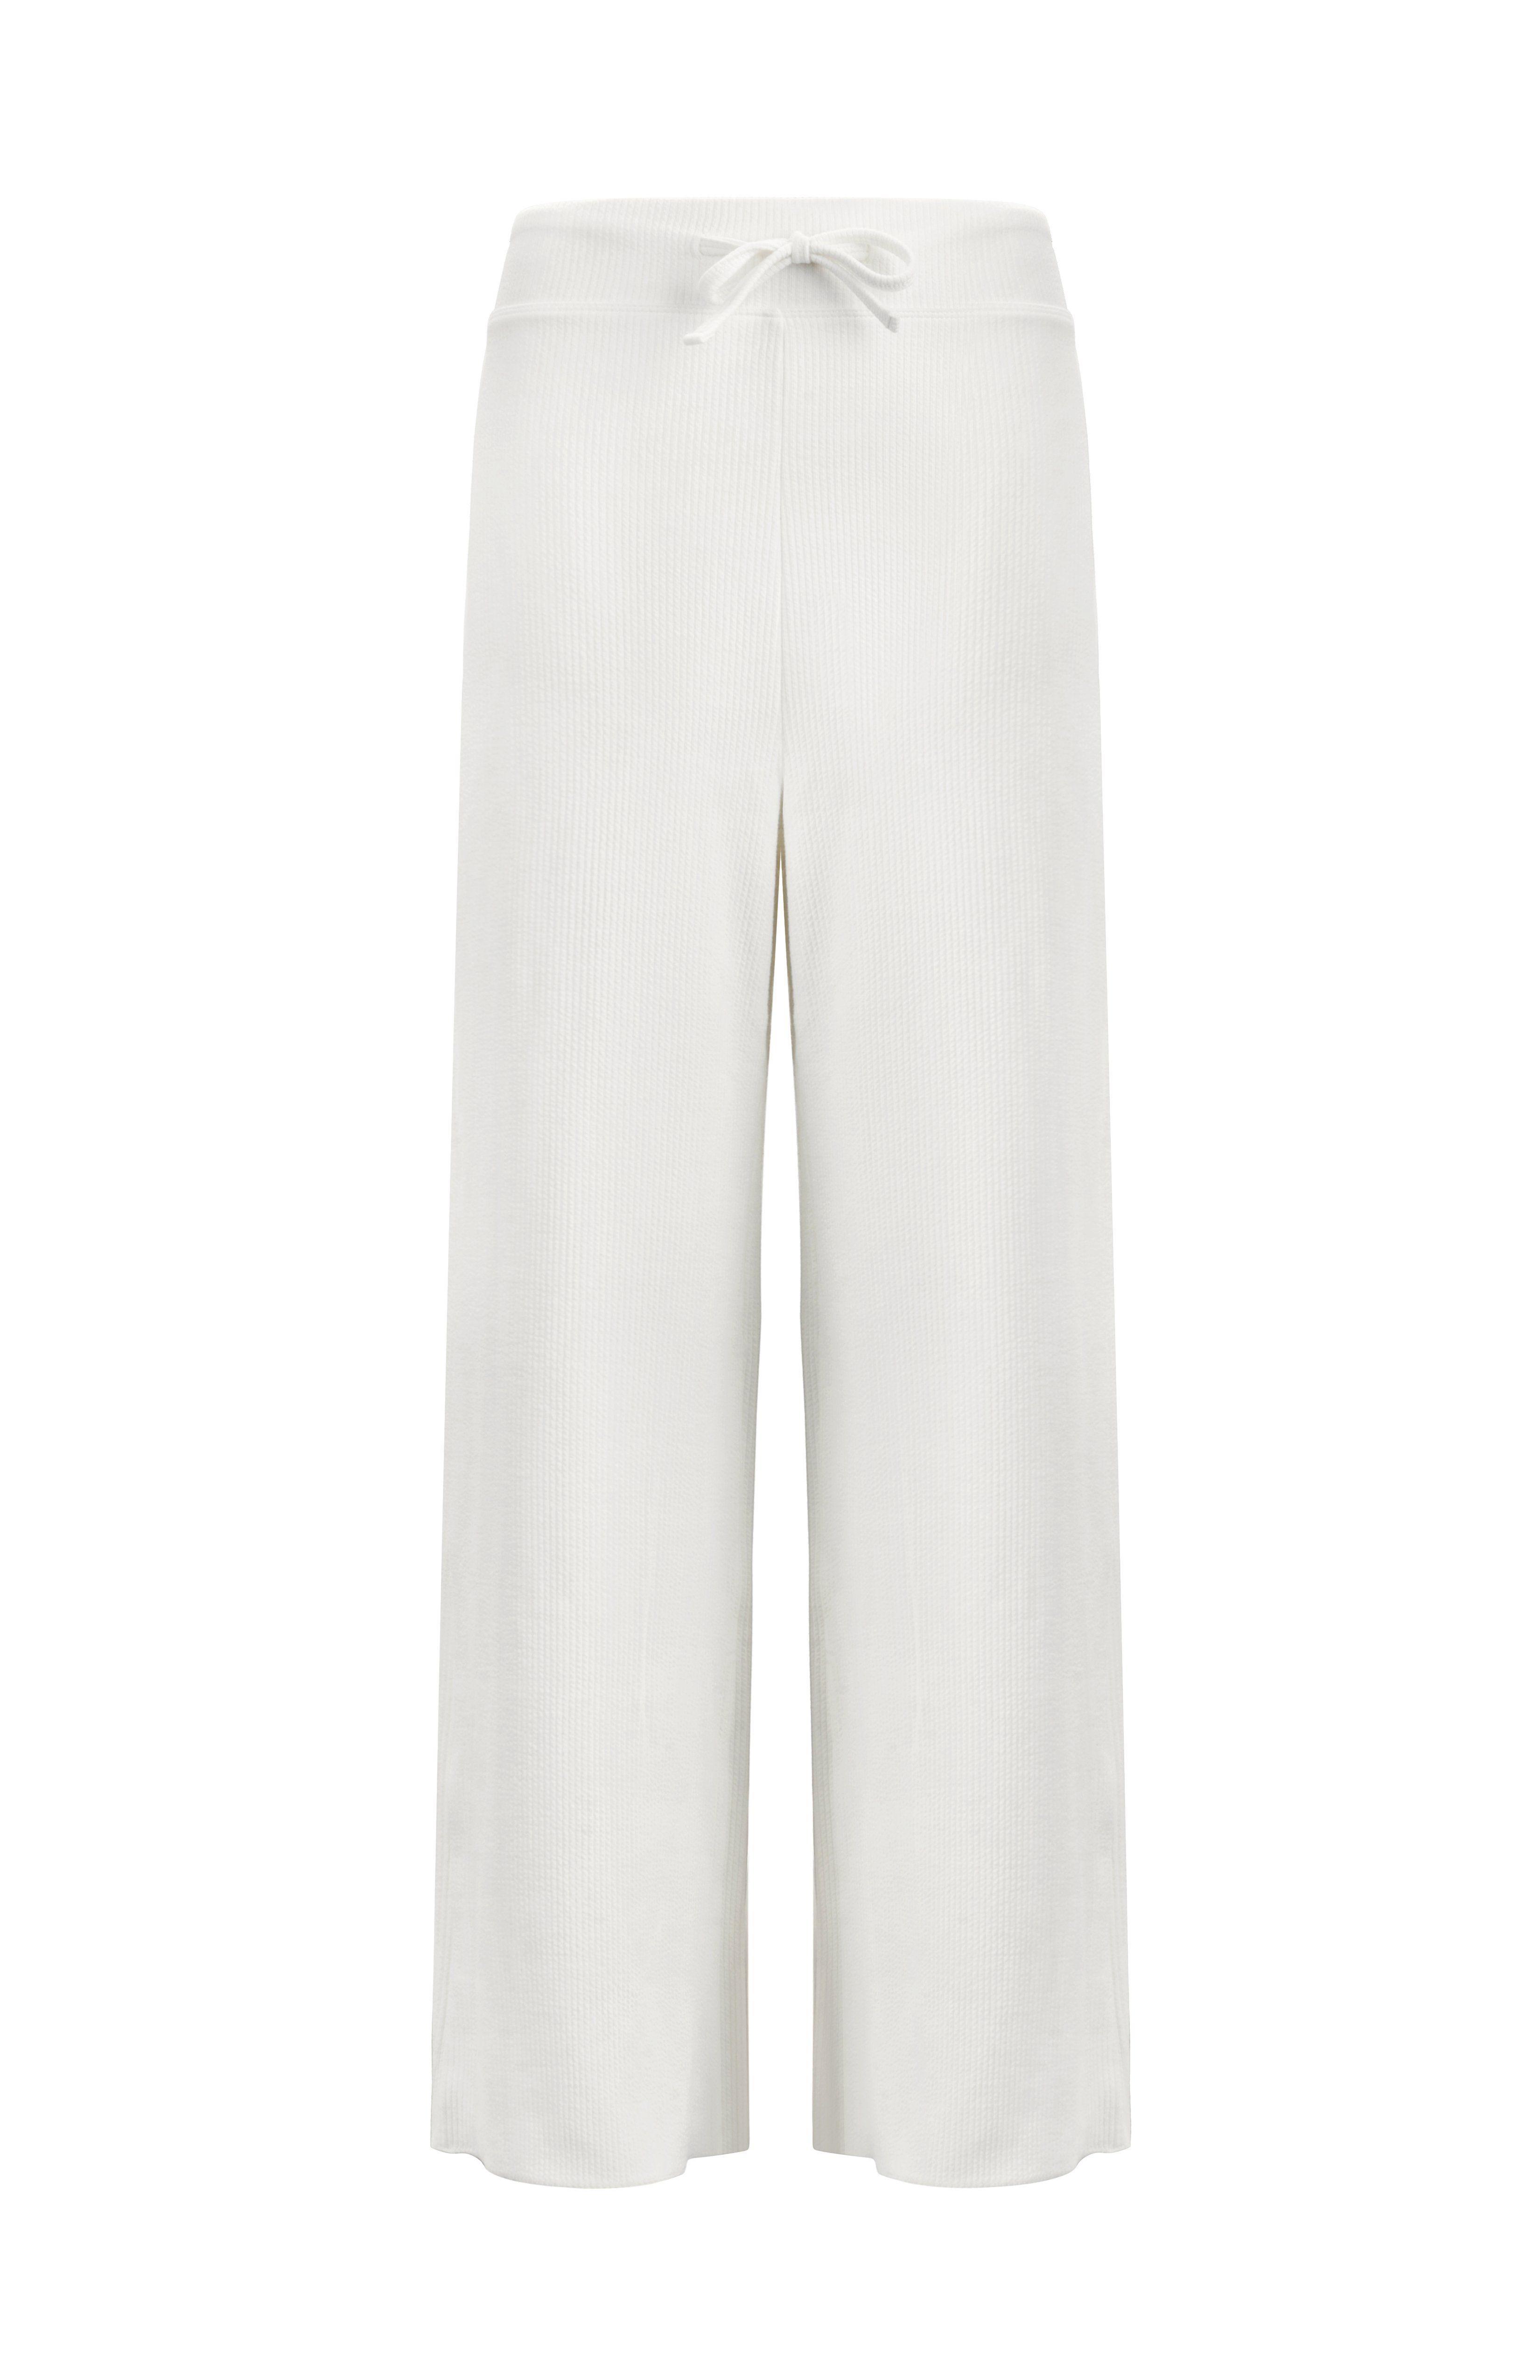 Lisa Long Pants - XS / Pearl White